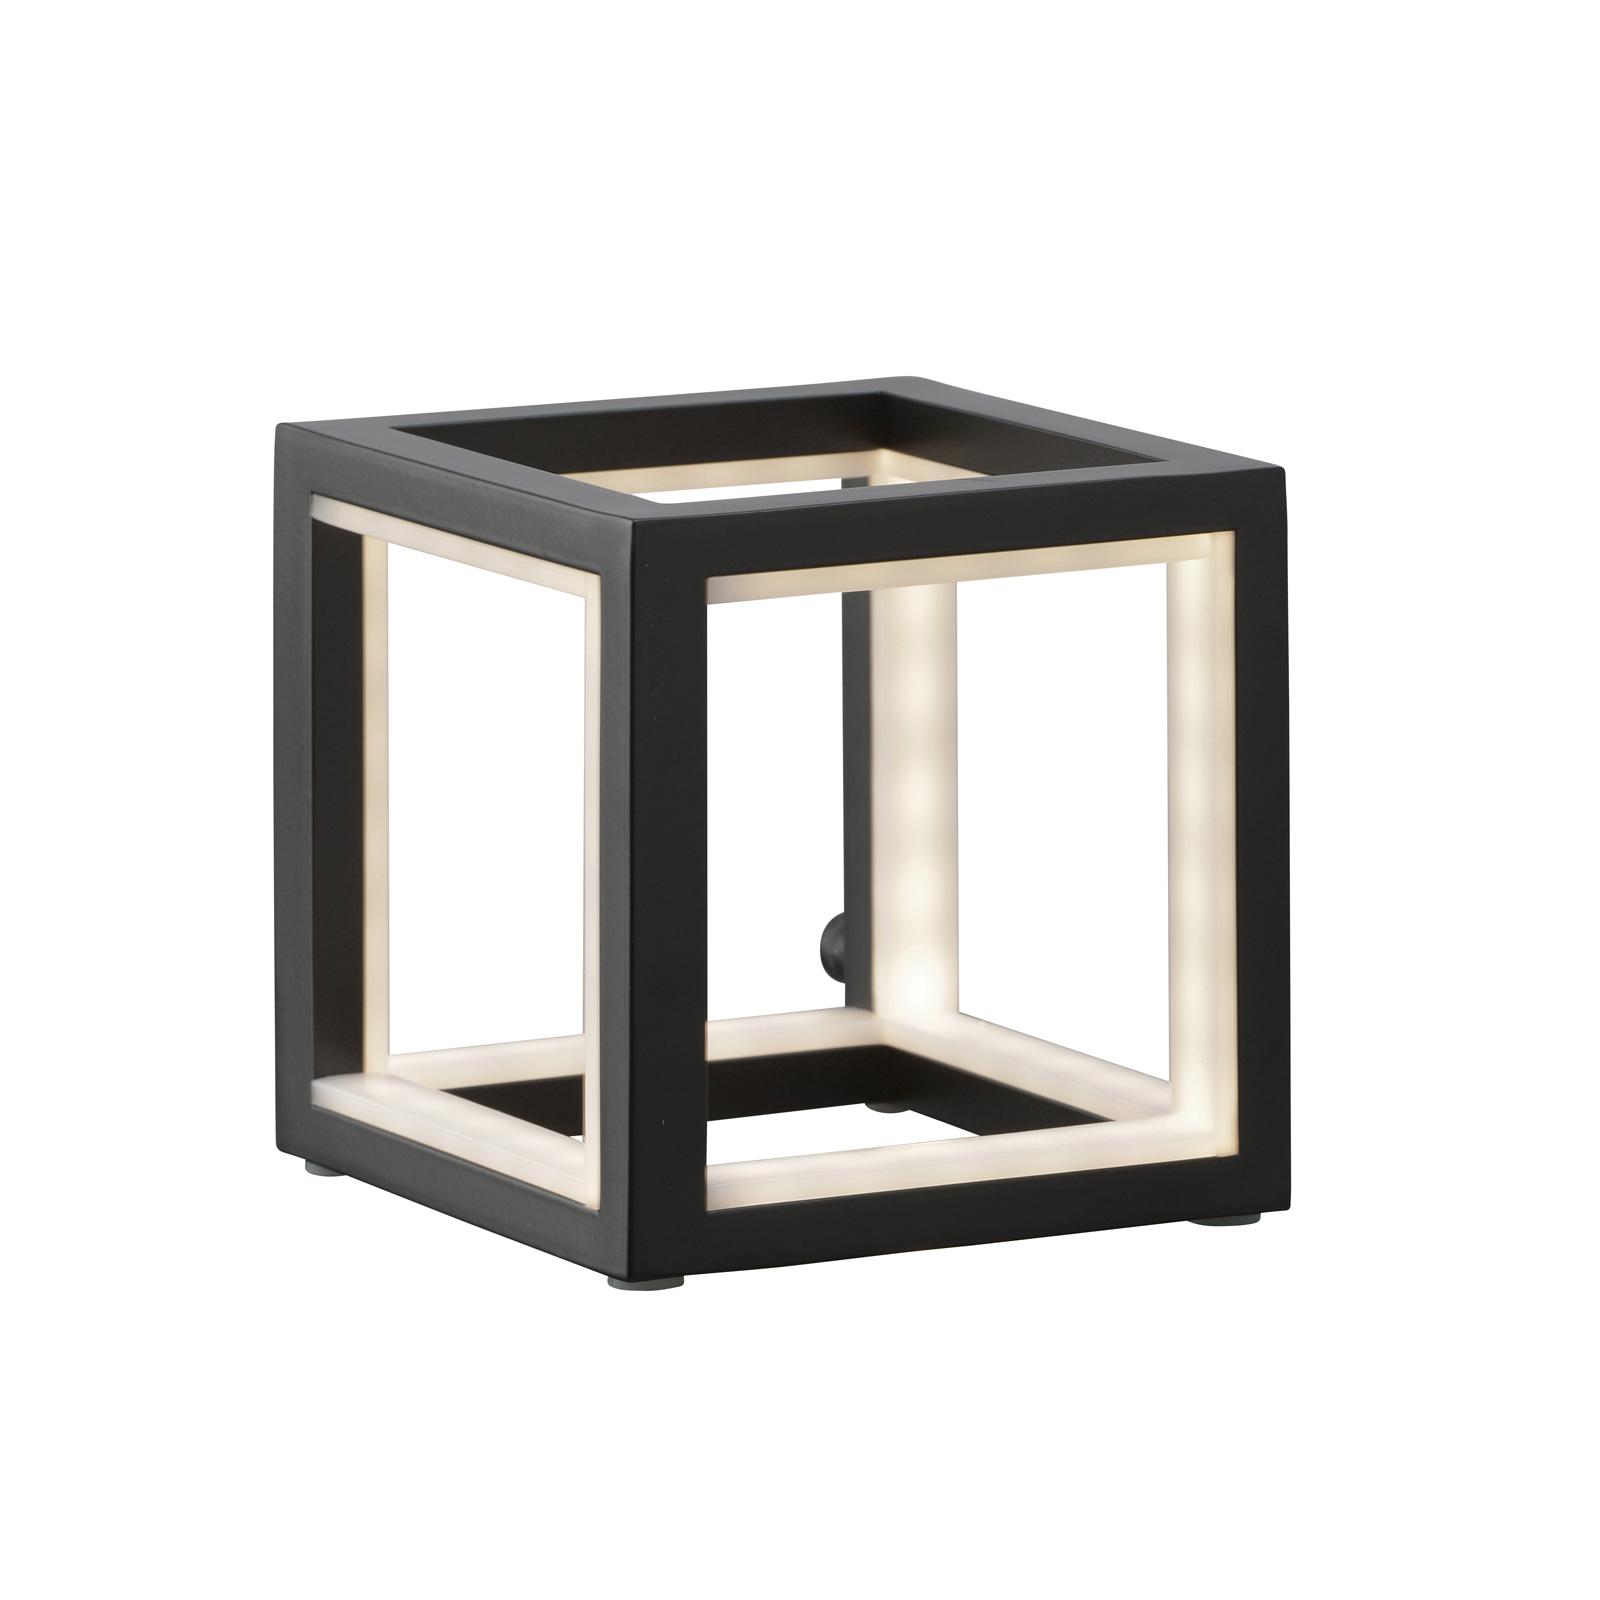 LED-pöytälamppu Delux, musta, 12 cm